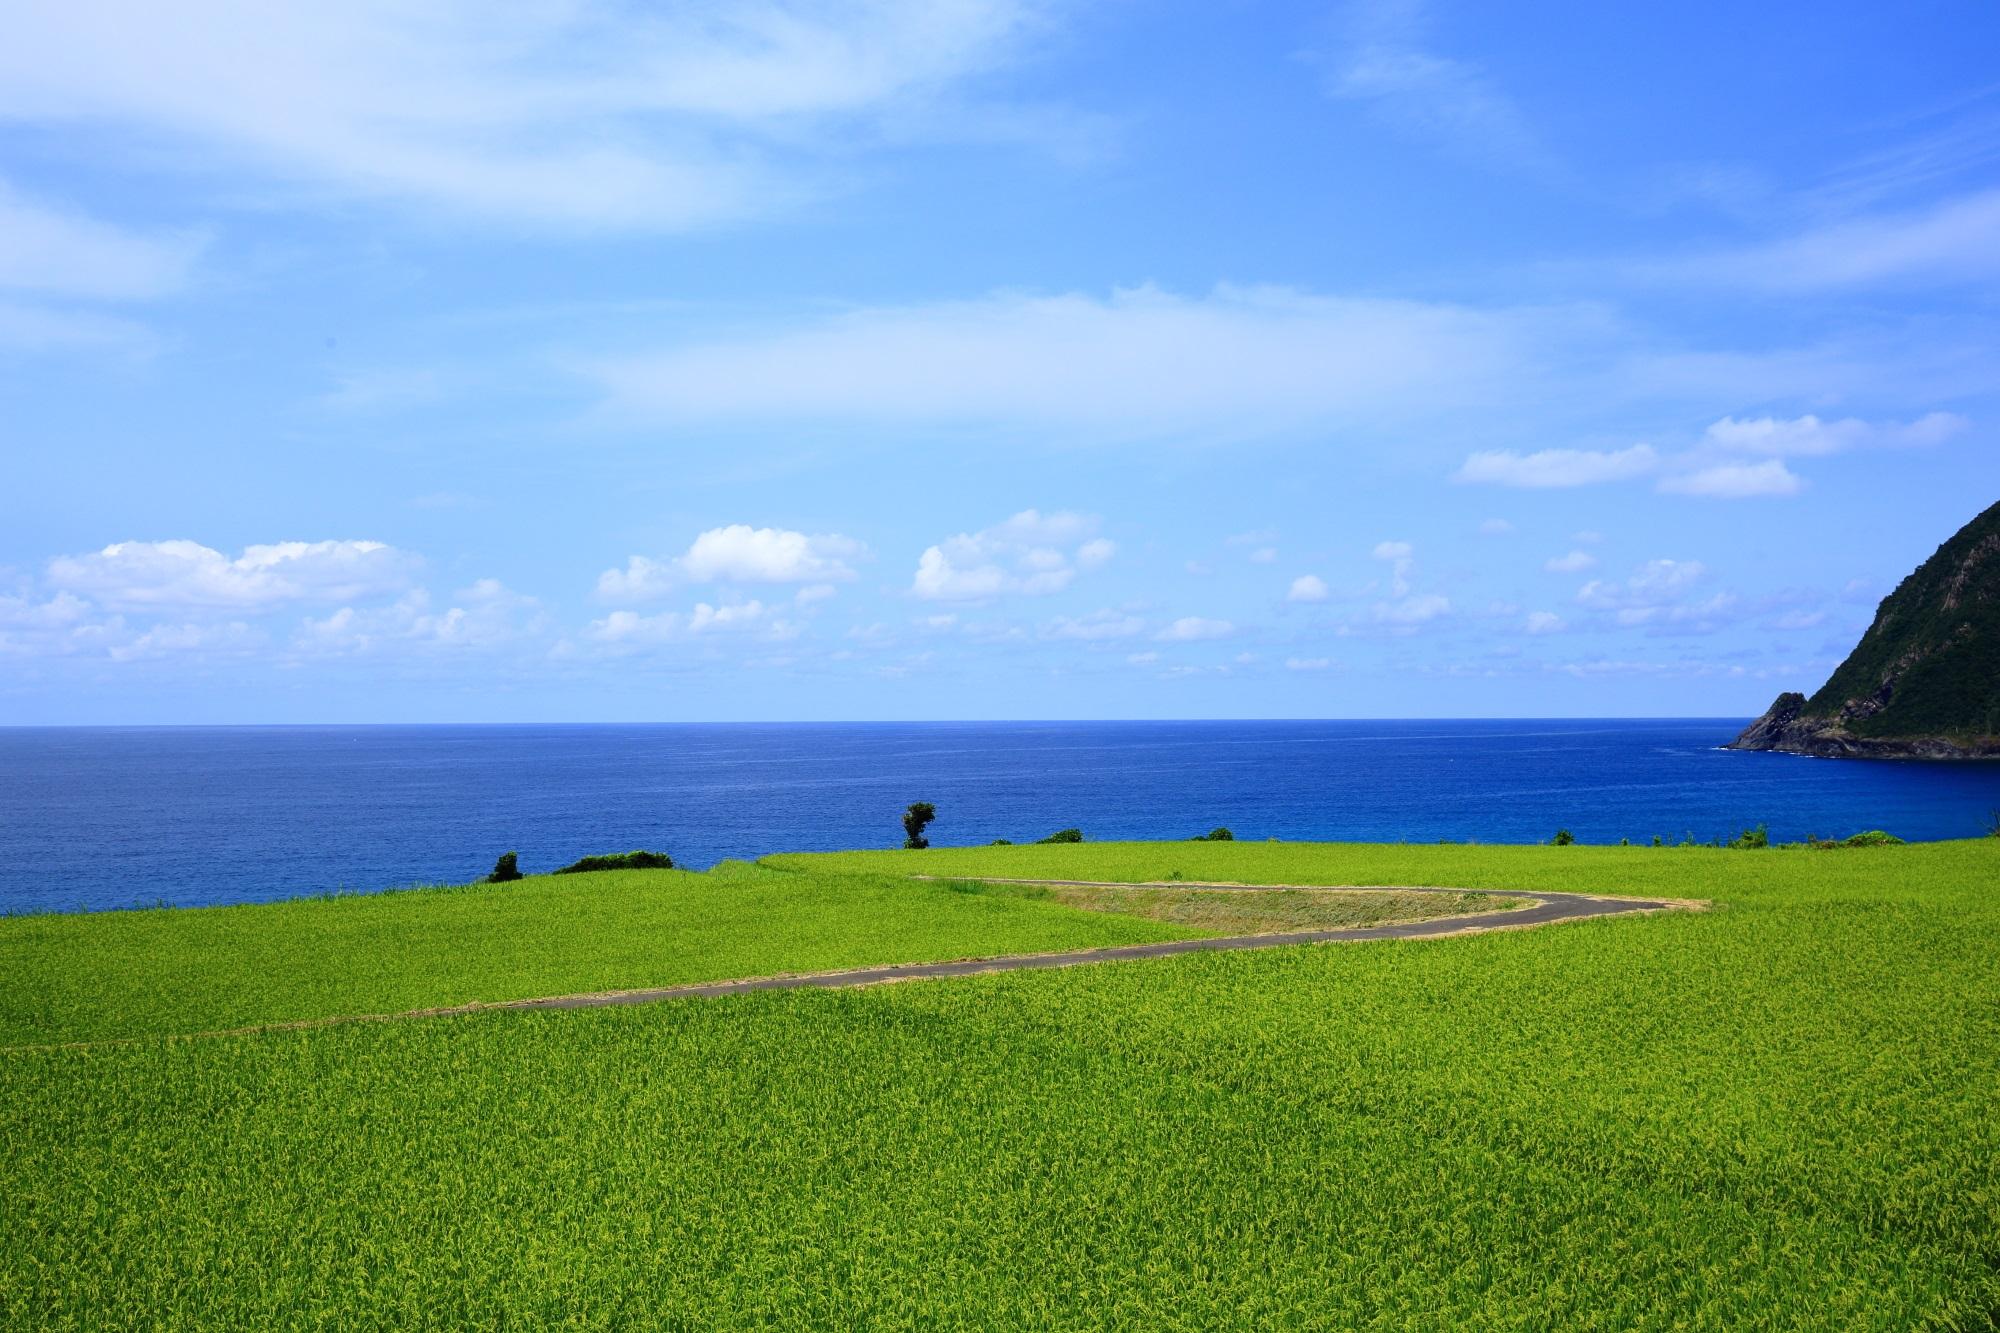 京丹後の屏風岩の辺りから眺める犬ヶ岬と田園